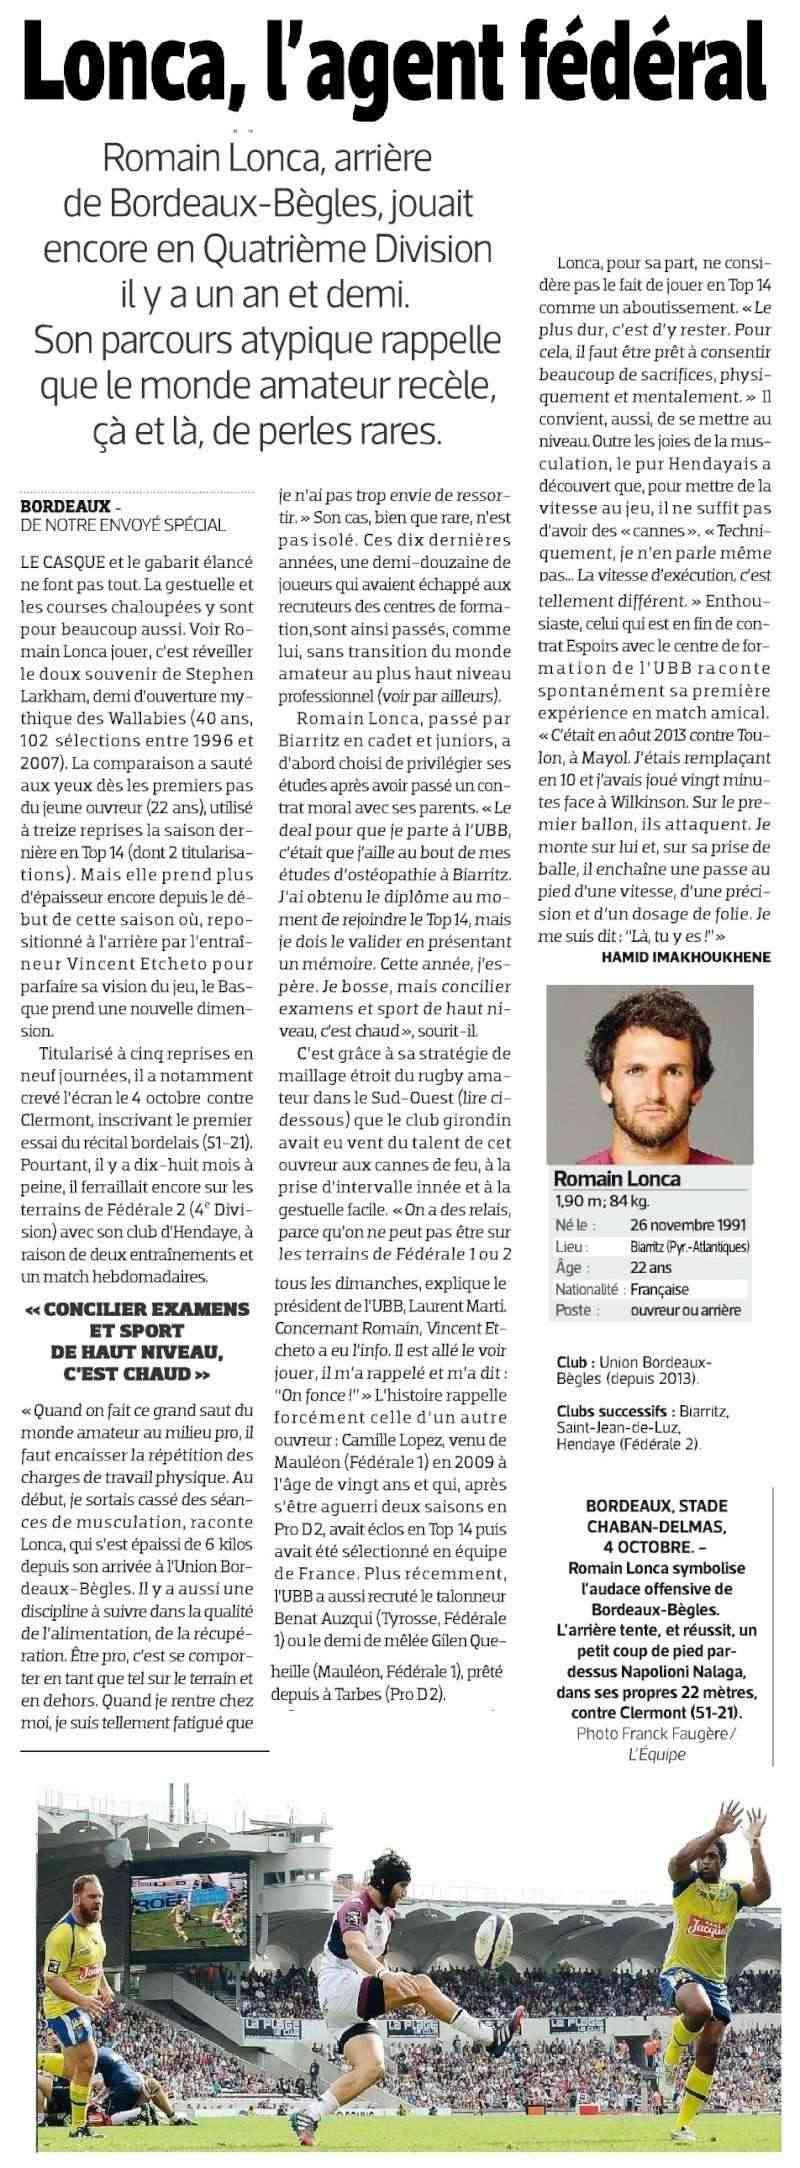 Romain Lonca - Page 2 Rl10